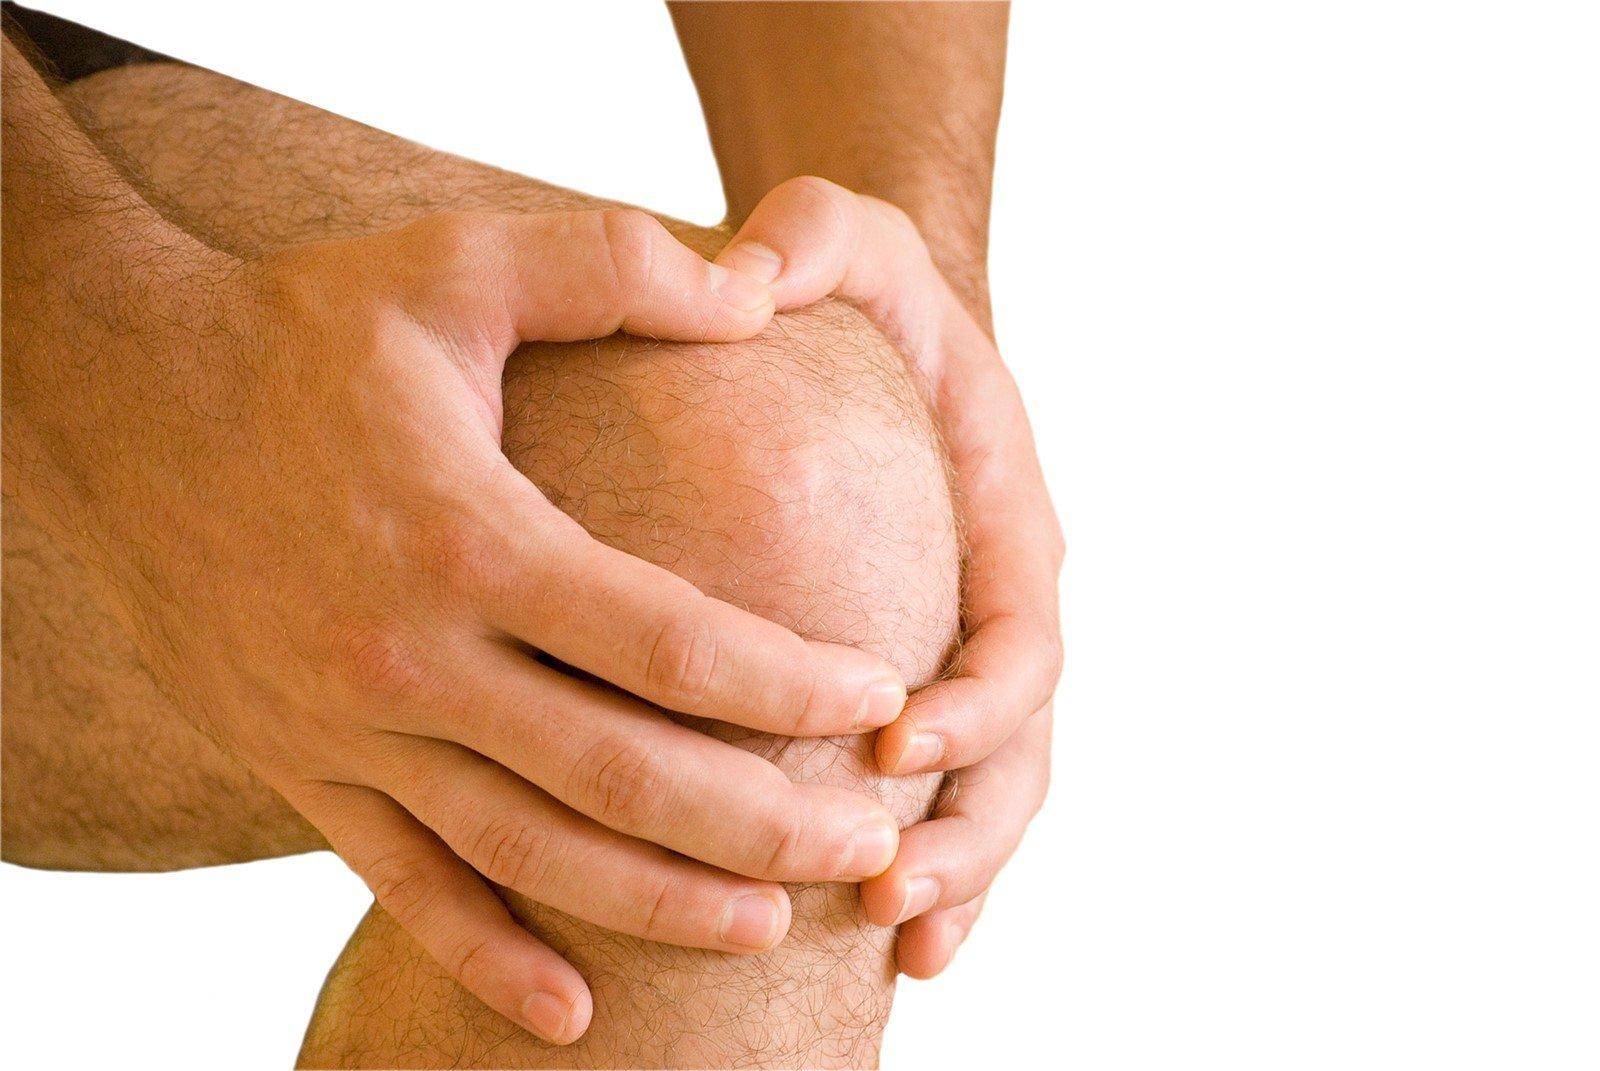 Có những kỹ thuật nào để tái tạo dây chằng chéo sau chấn thương gối - ảnh 1